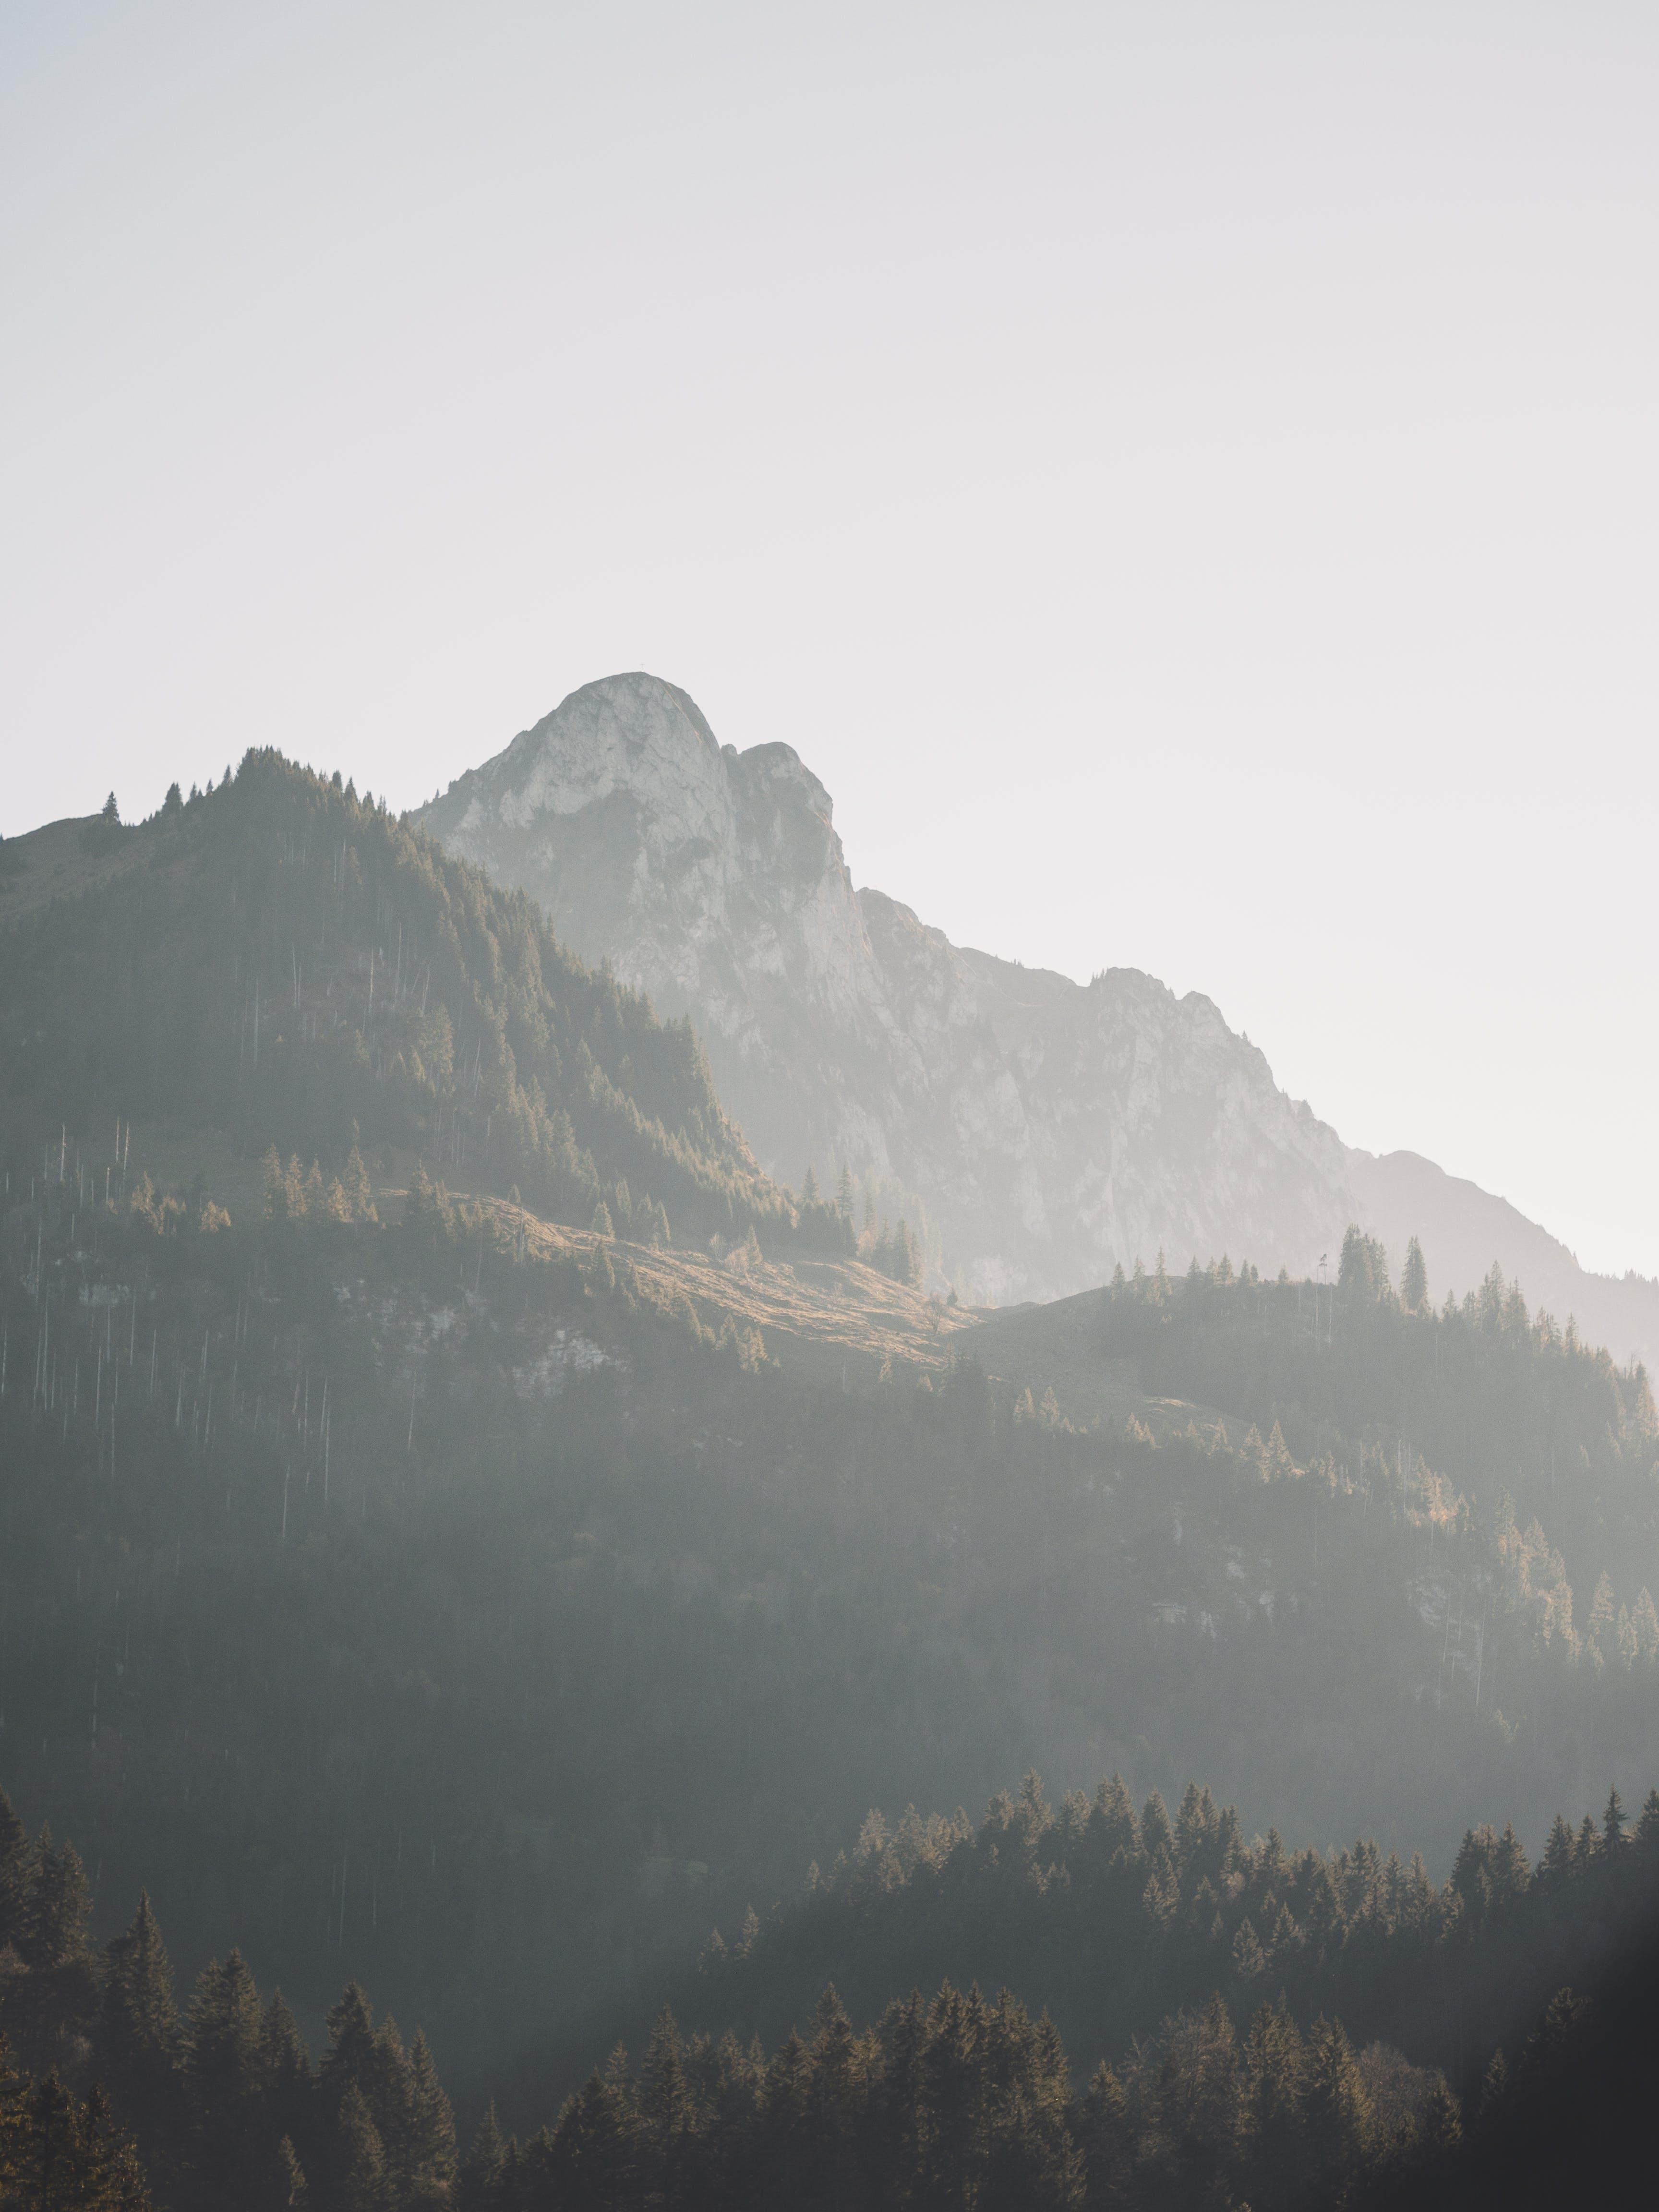 Gratis arkivbilde med fjell, sommer